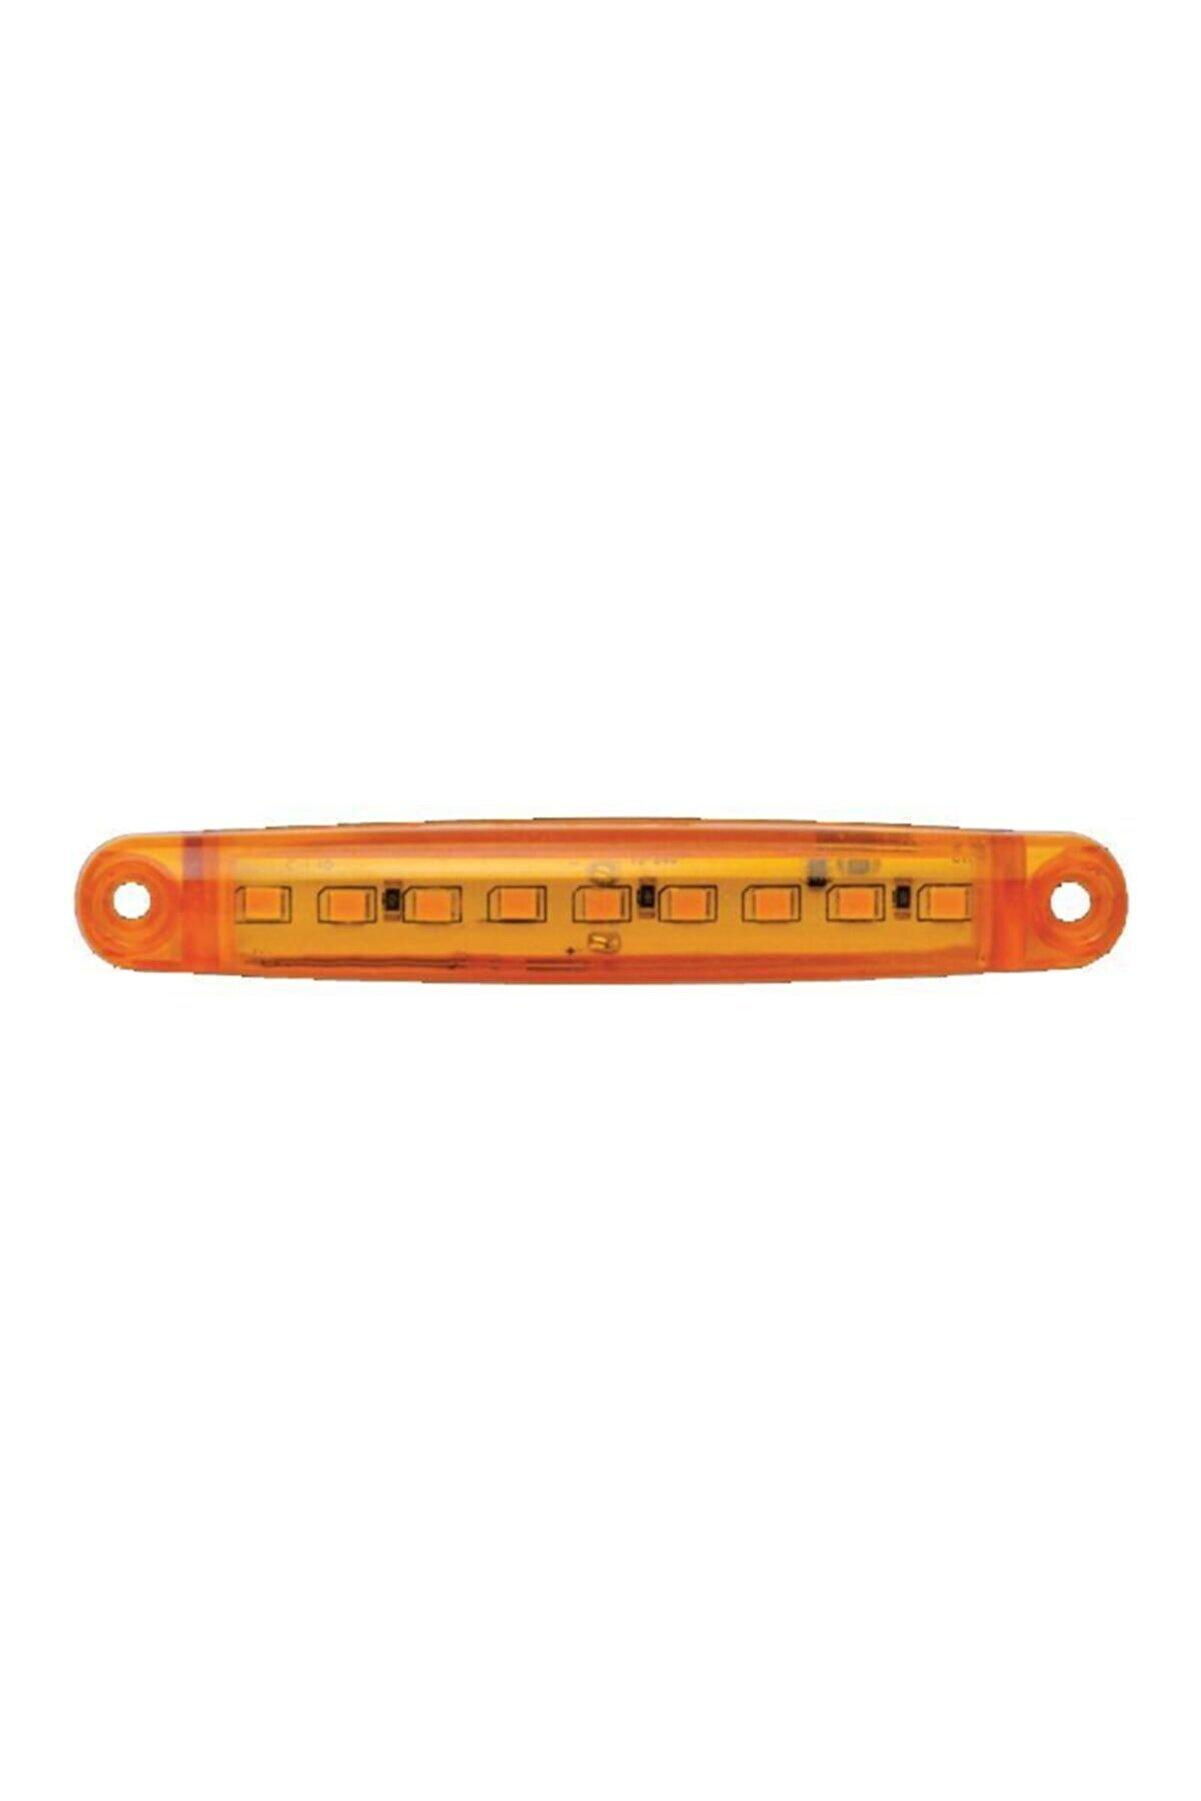 NETOTOMARKET 9 Ledli Parmak Led Lamba Sarı 12-24 Volt Hızlı Kargo